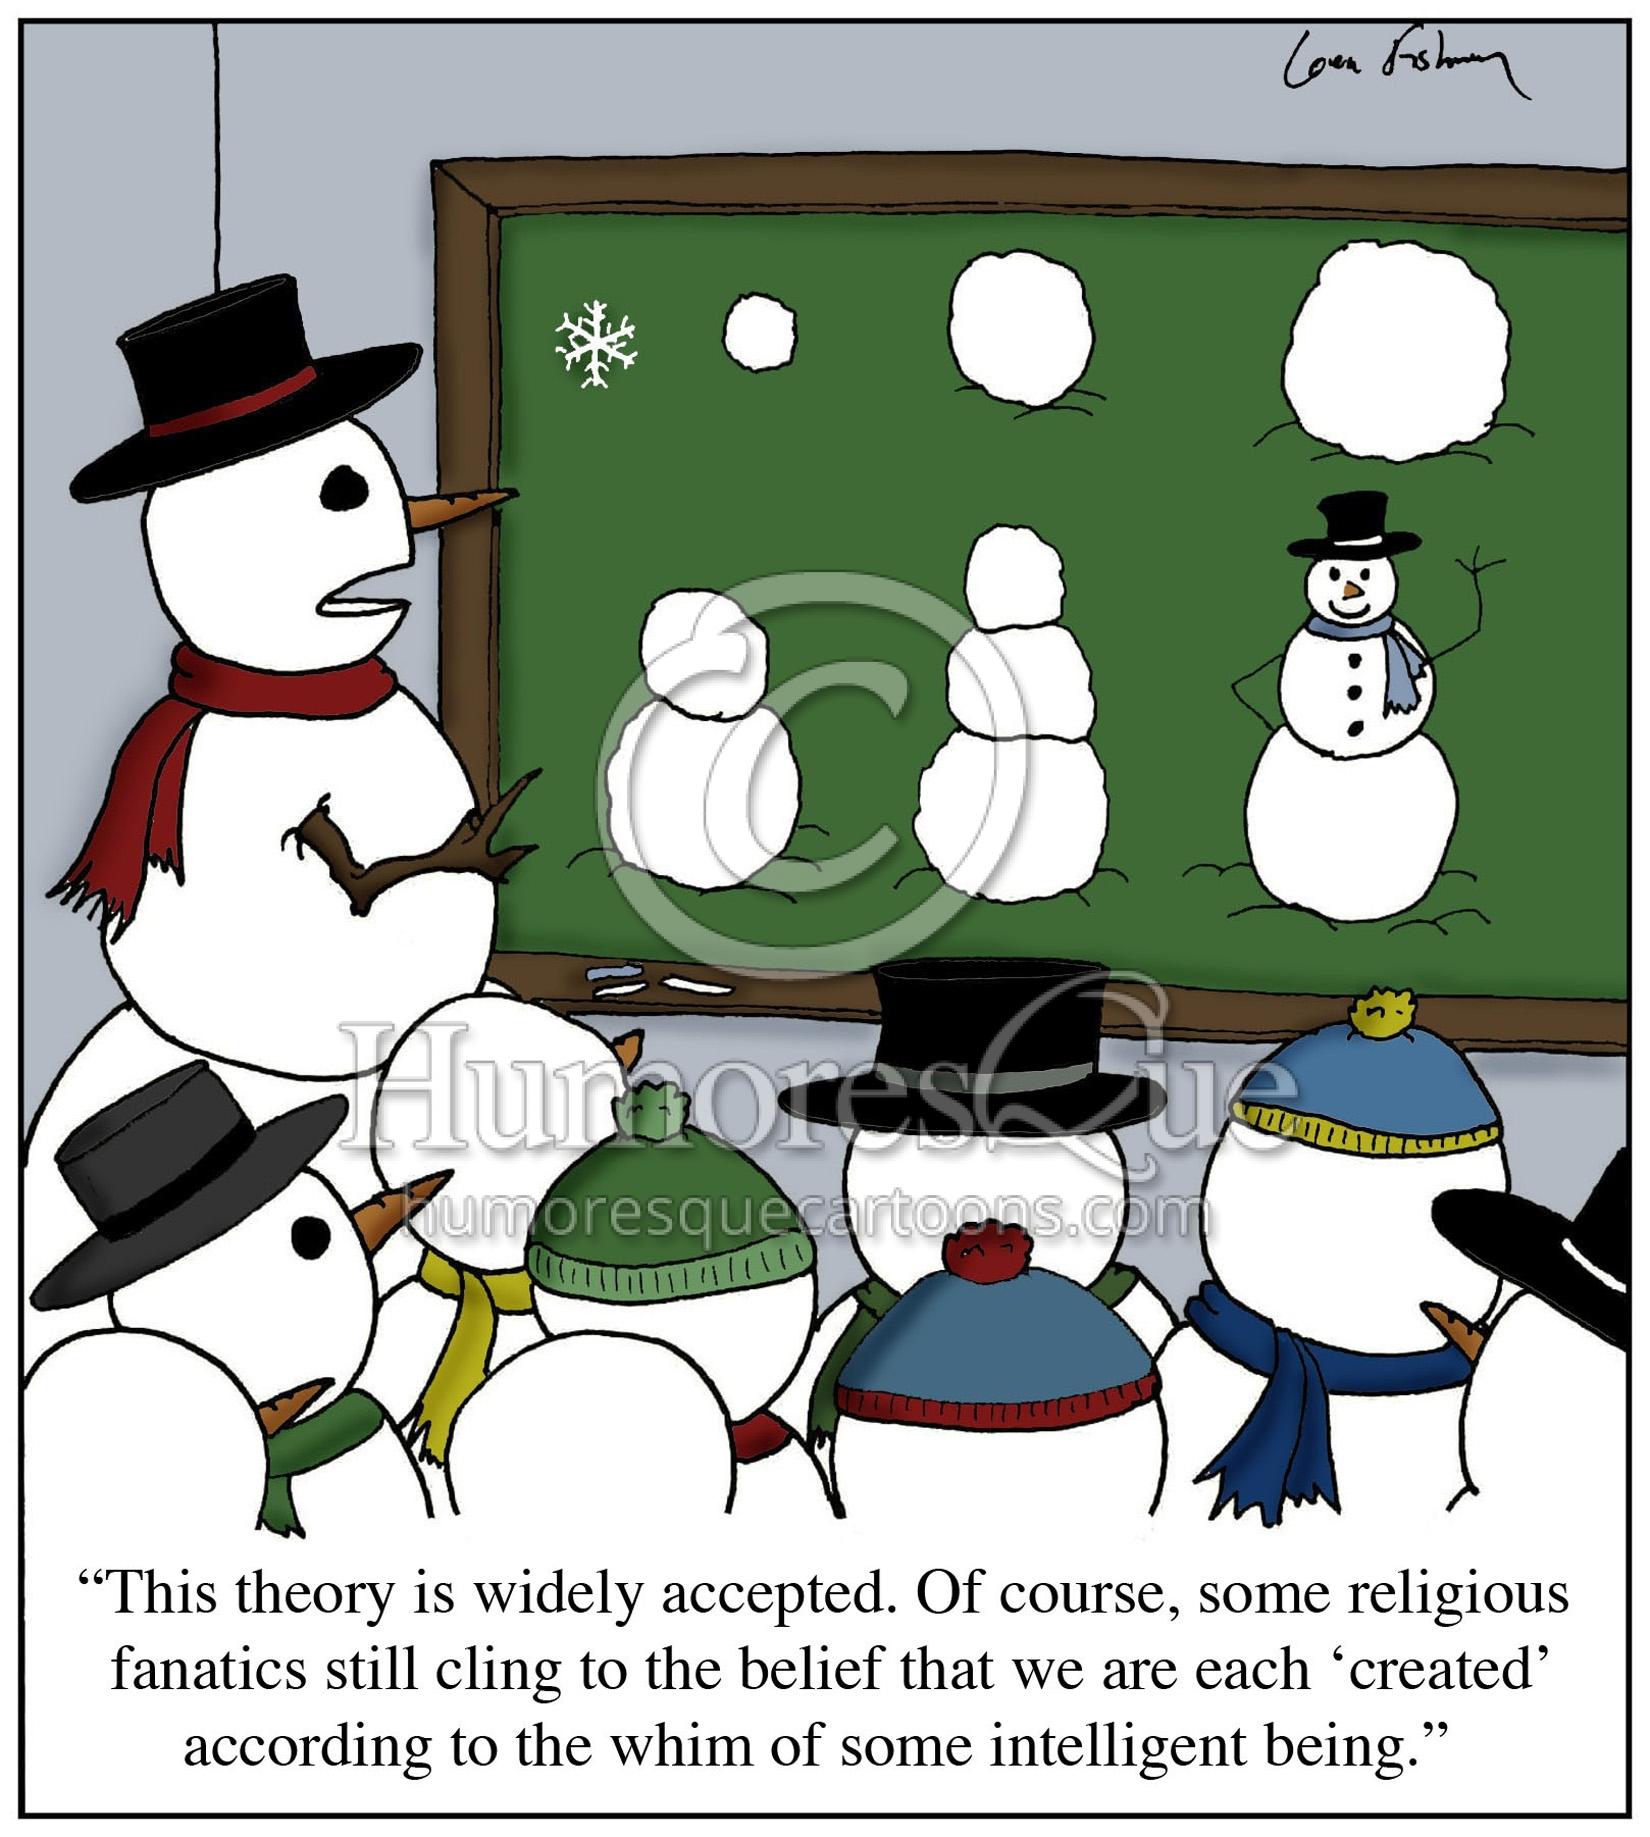 snowman evolution intelligent design religion in school cartoon